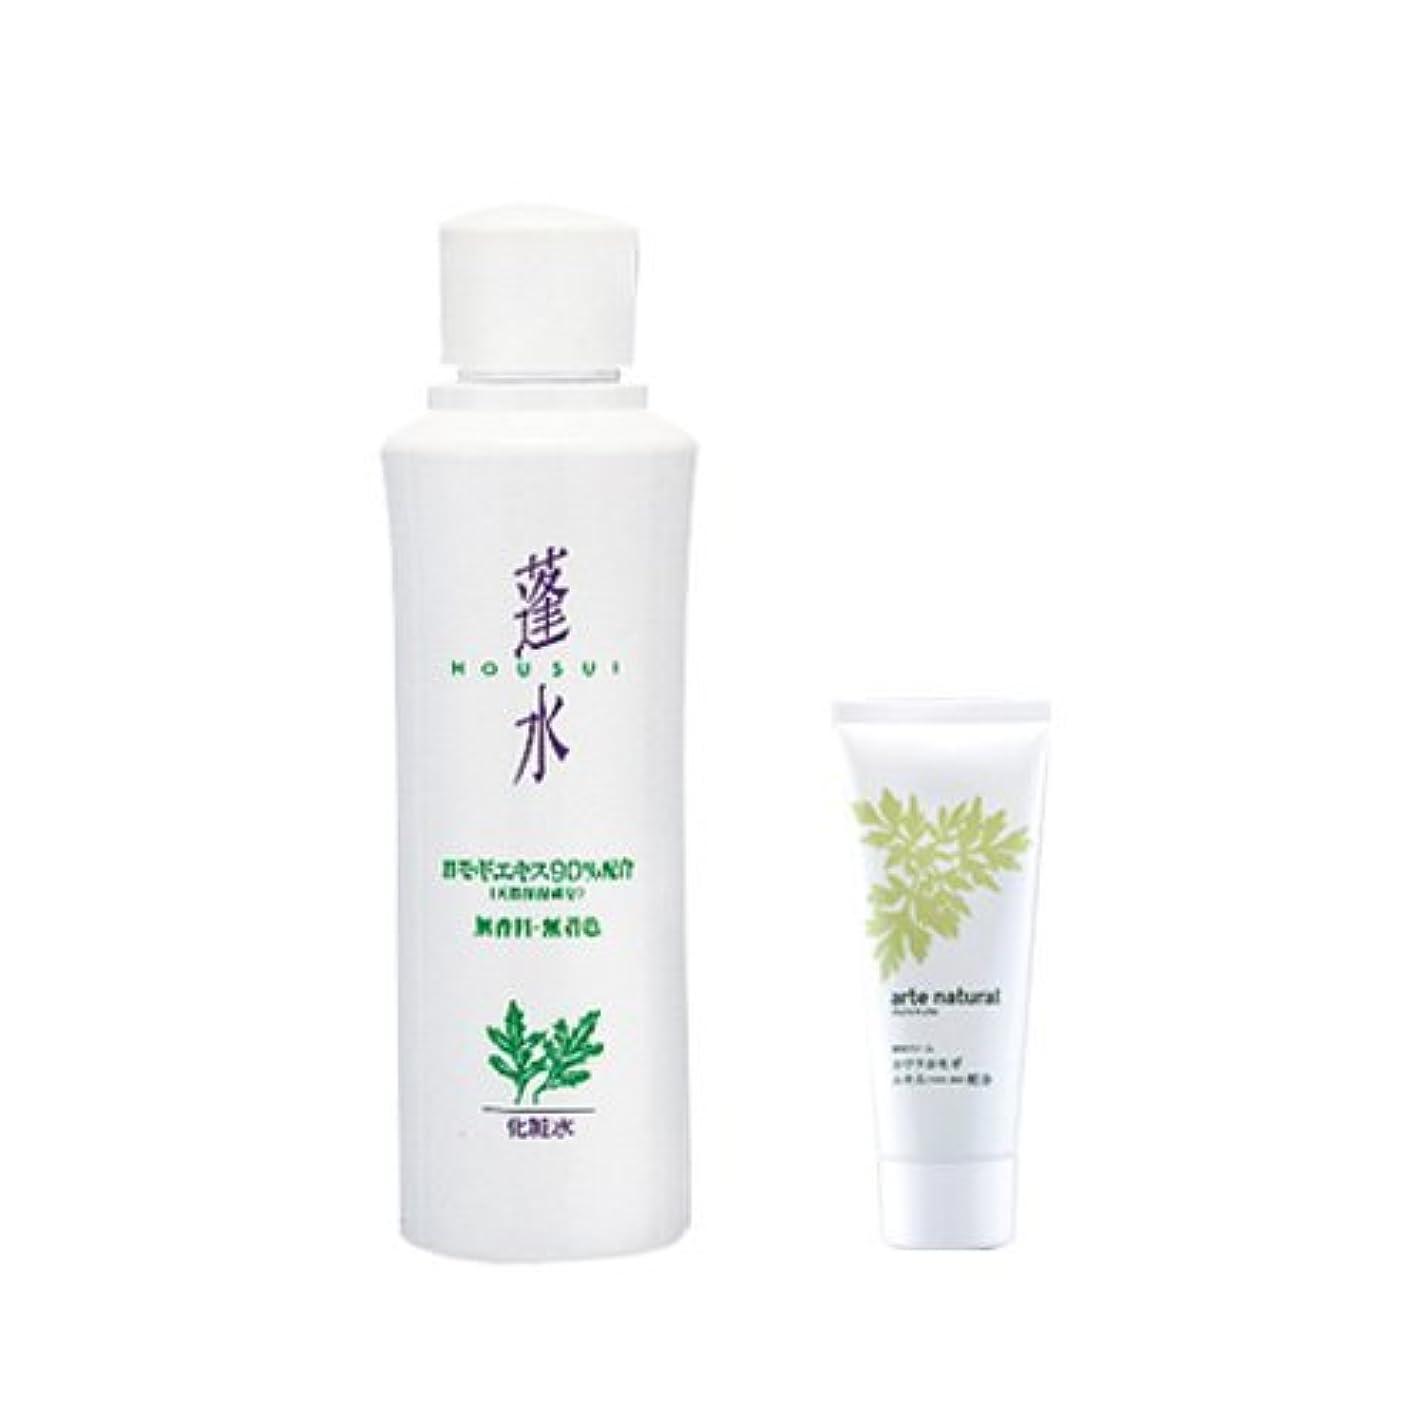 貨物アレイ葉巻蓬水(ほうすい)よもぎ化粧水+アルテナチュラル25g